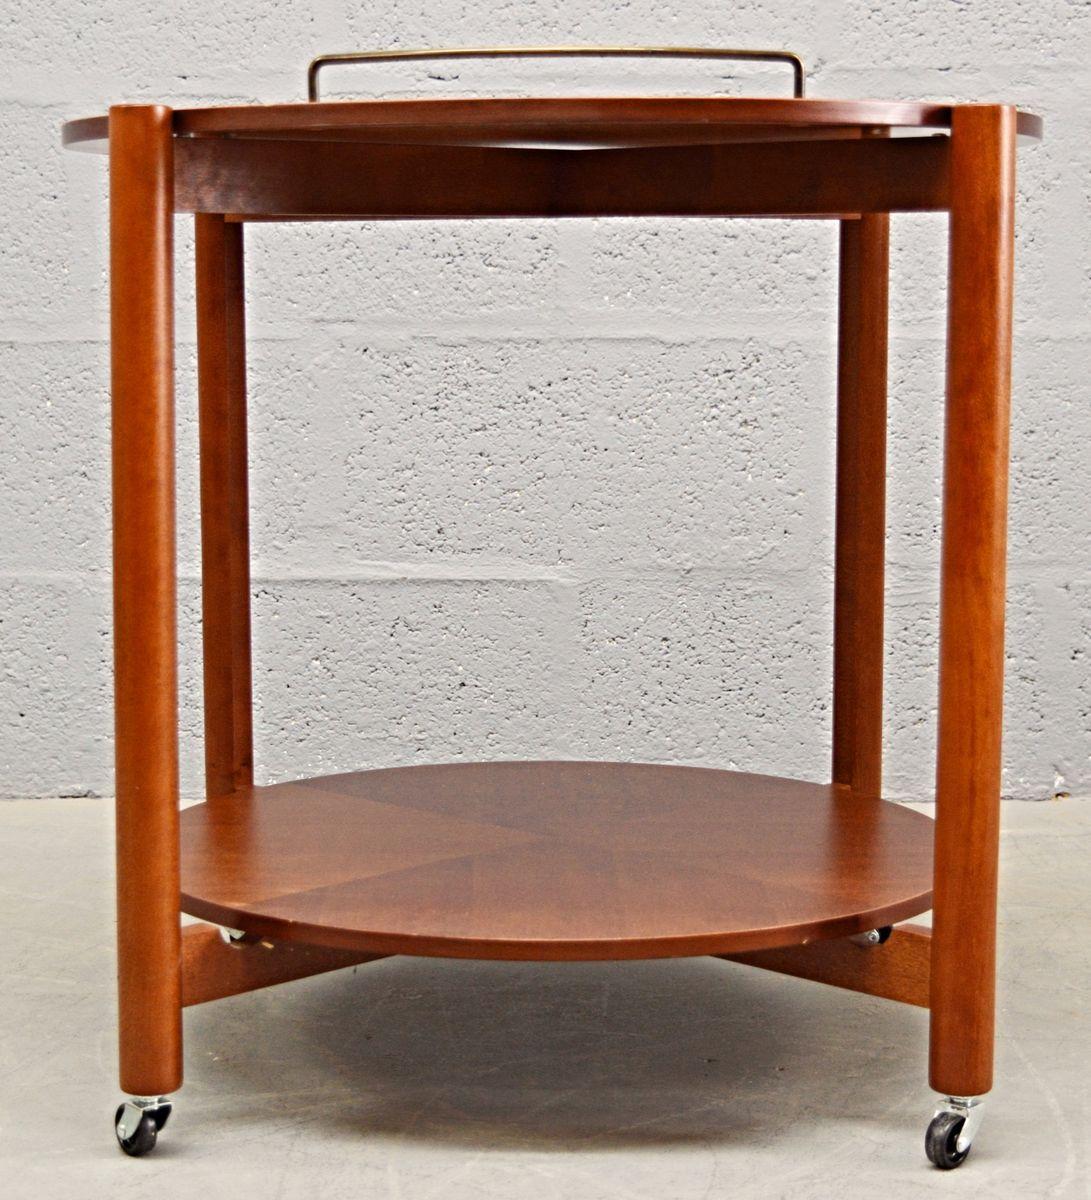 runder mid century servierwagen aus teak vogelaugenahorn bei pamono kaufen. Black Bedroom Furniture Sets. Home Design Ideas